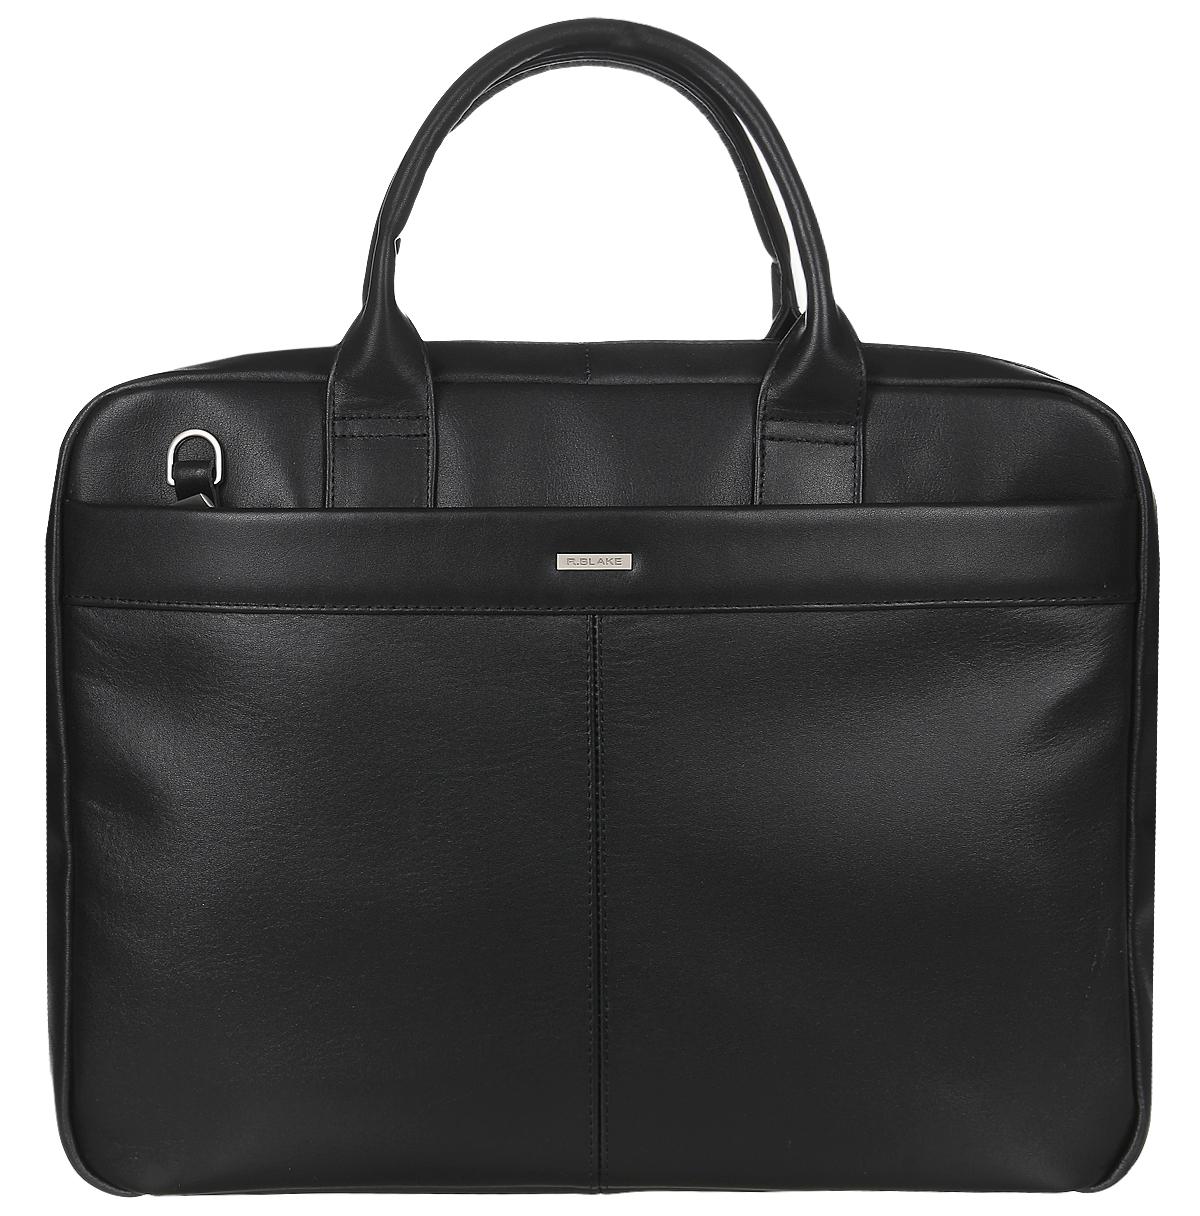 Сумка мужская R.Blake Stuart, цвет: черный. GSTT00-00ML06-A0201O-K100GSTT00-00ML06-A0201O-K100Стильная мужская сумка R.Blake Stuart выполнена из натуральной кожи. Изделие имеет одно отделение, которое разделено пополам перегородкой. Закрывается сумка на застежку-молнию. Внутри сумки расположены открытый накладной карман и прорезной карман на застежке-молнии. Снаружи, на передней стенке находится нашивной карман на застежке- молнии, на задней стенке - прорезной карман на застежке-молнии. Сумка оснащена двумя удобными ручками. В комплект входит съемный текстильный плечевой ремень, который регулируется по длине. Стильная сумка идеально подчеркнет ваш неповторимый стиль.